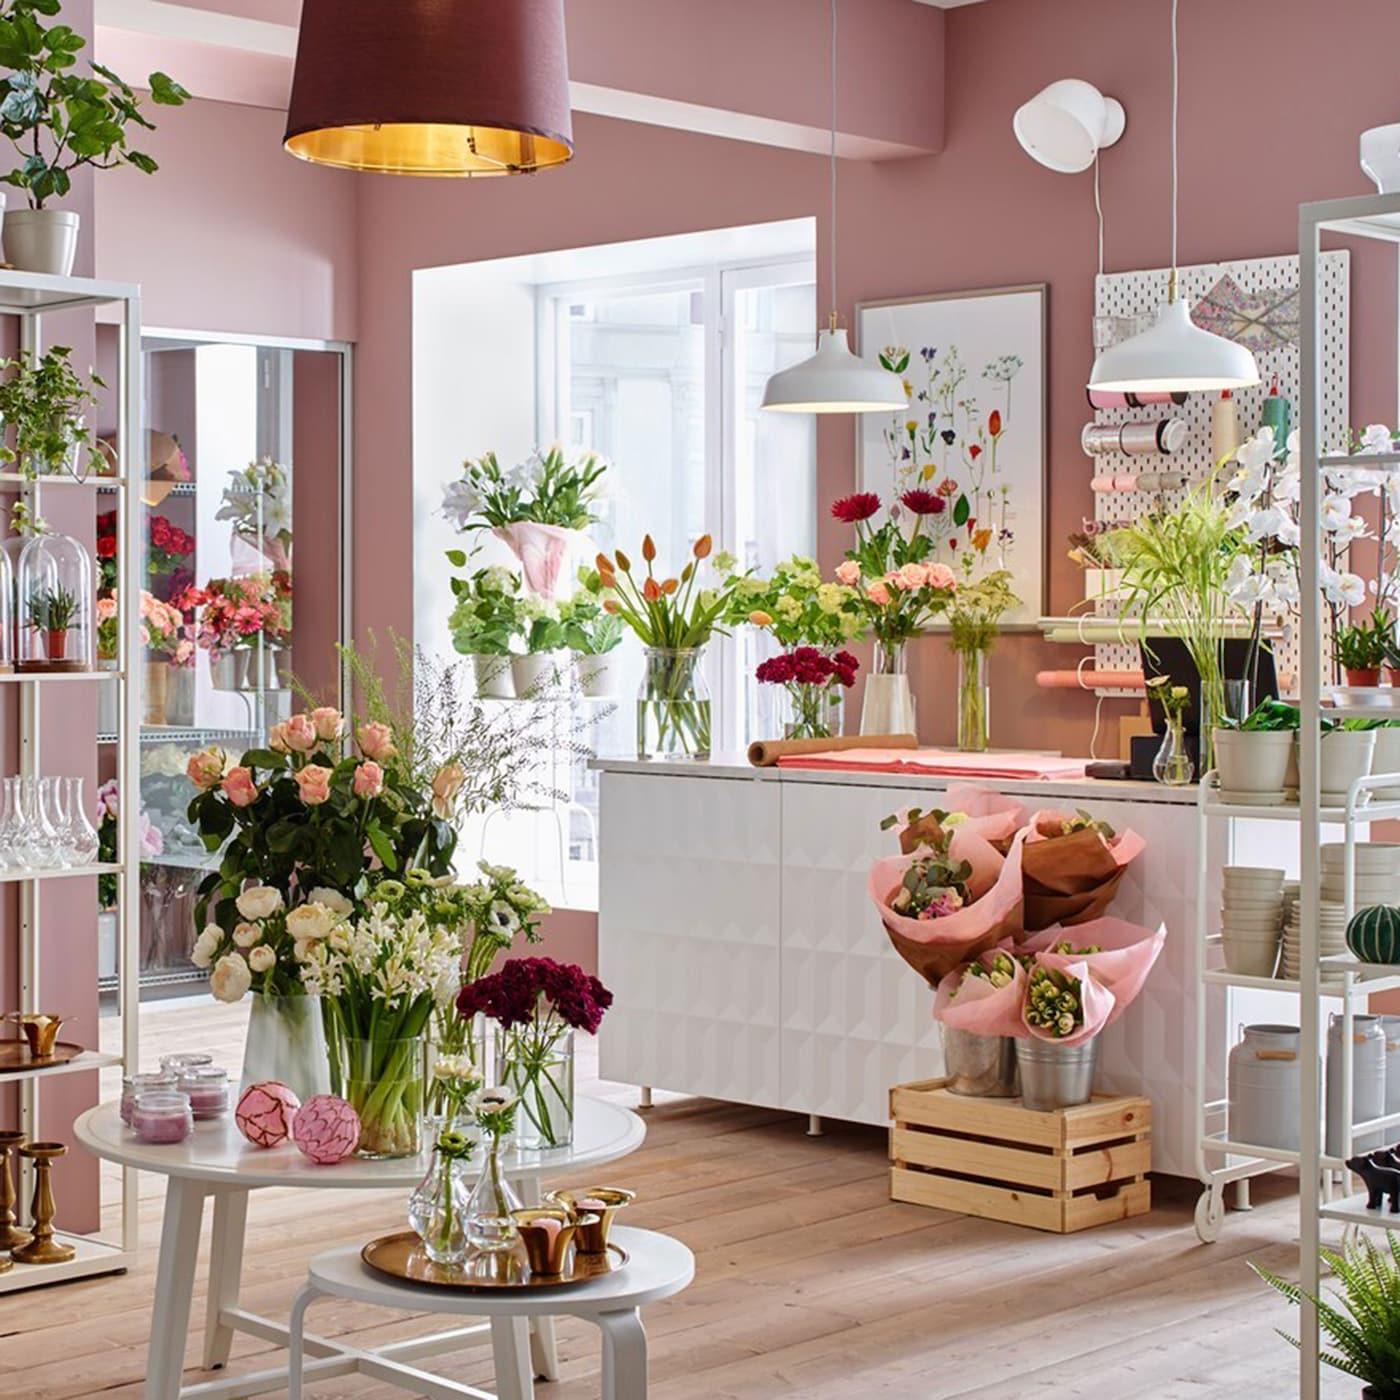 Magasin de fleurs avec des murs roses et des étagères blanches.